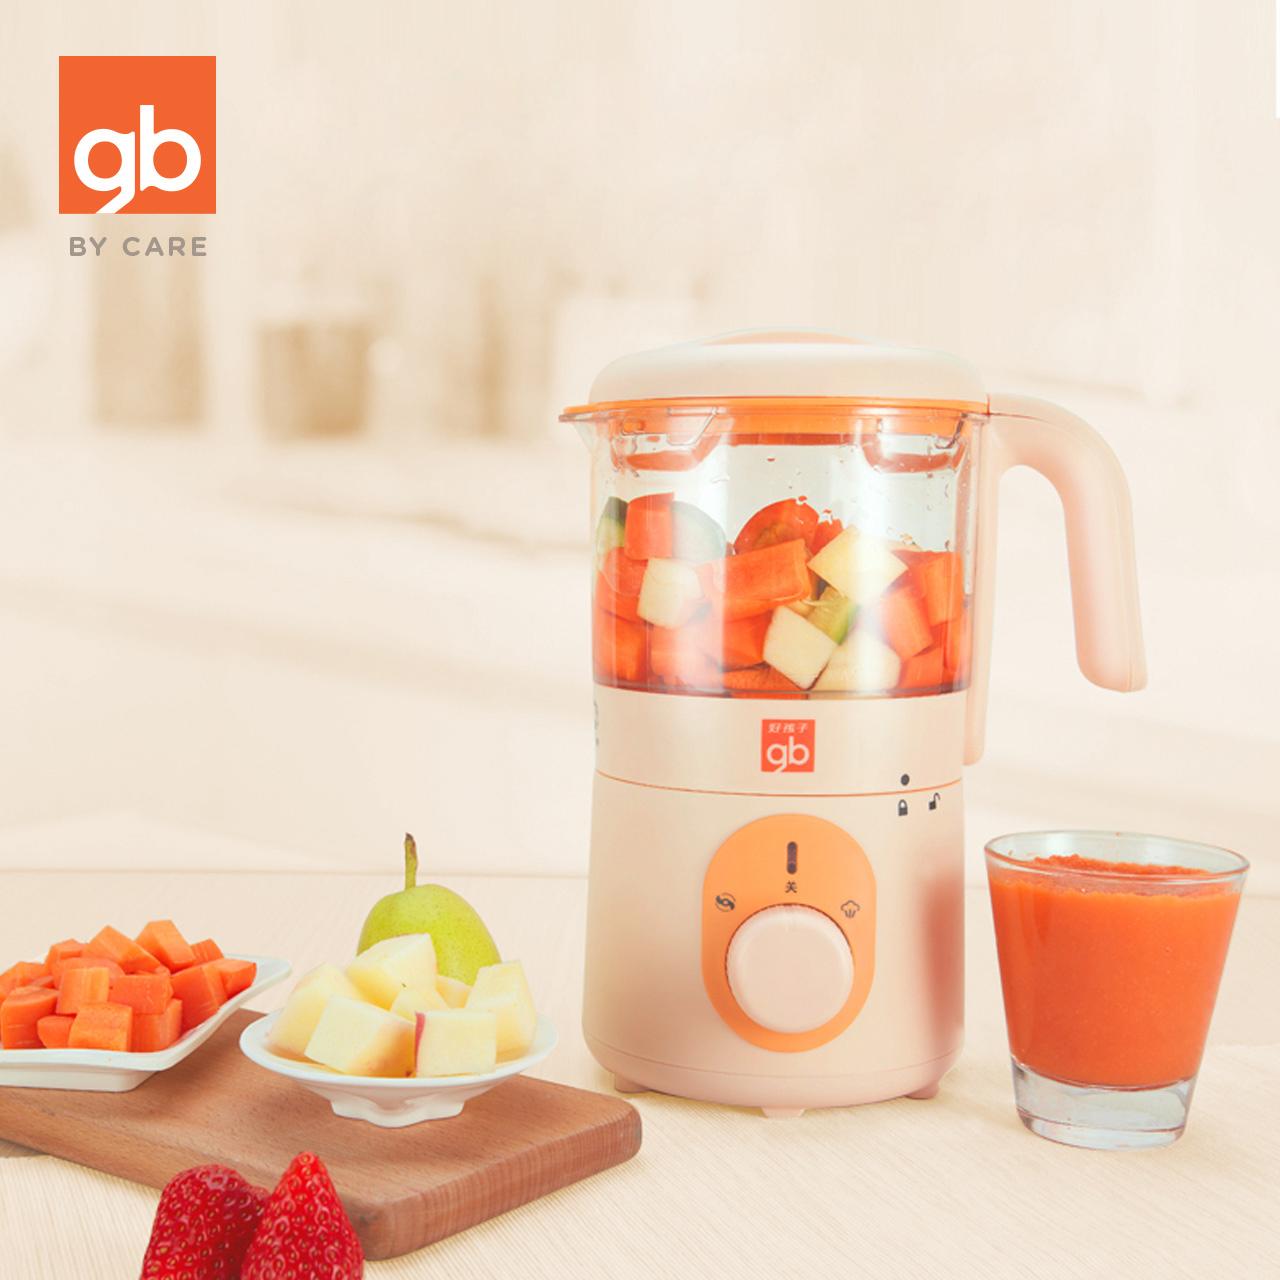 gb好孩子宝宝婴儿辅食机蒸煮搅拌一体机多功能工具食物研磨全自动